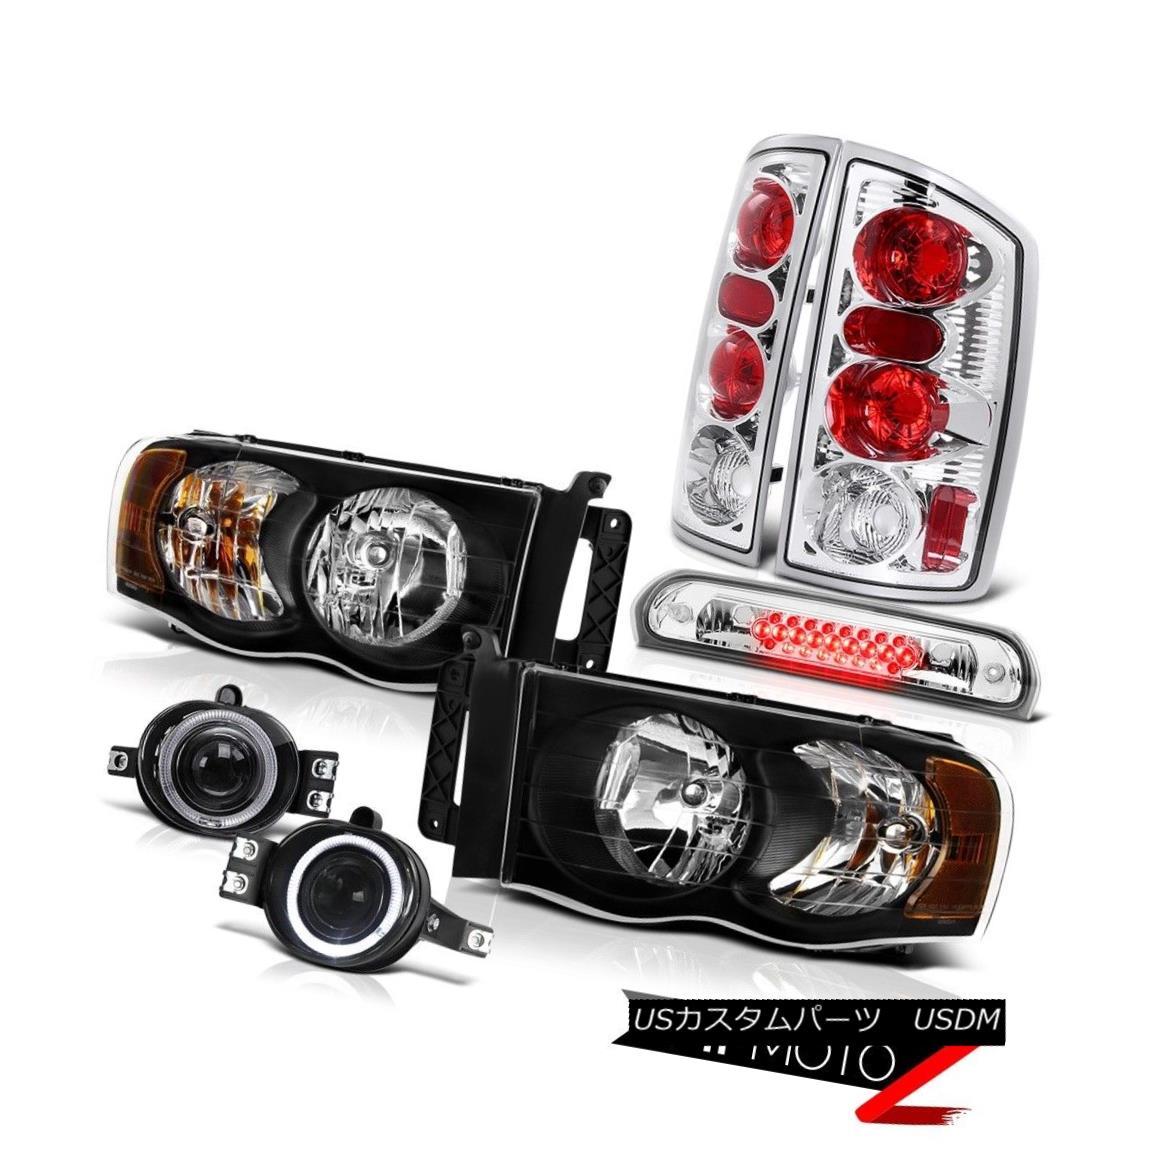 ヘッドライト 2002-2005 Ram ST Inky Black Headlights Euro Rear Tail Lamps Bumper Fog Roof LED 2002-2005 Ram ST InkyブラックヘッドライトユーロリアテールランプバンパーフォグルーフLED